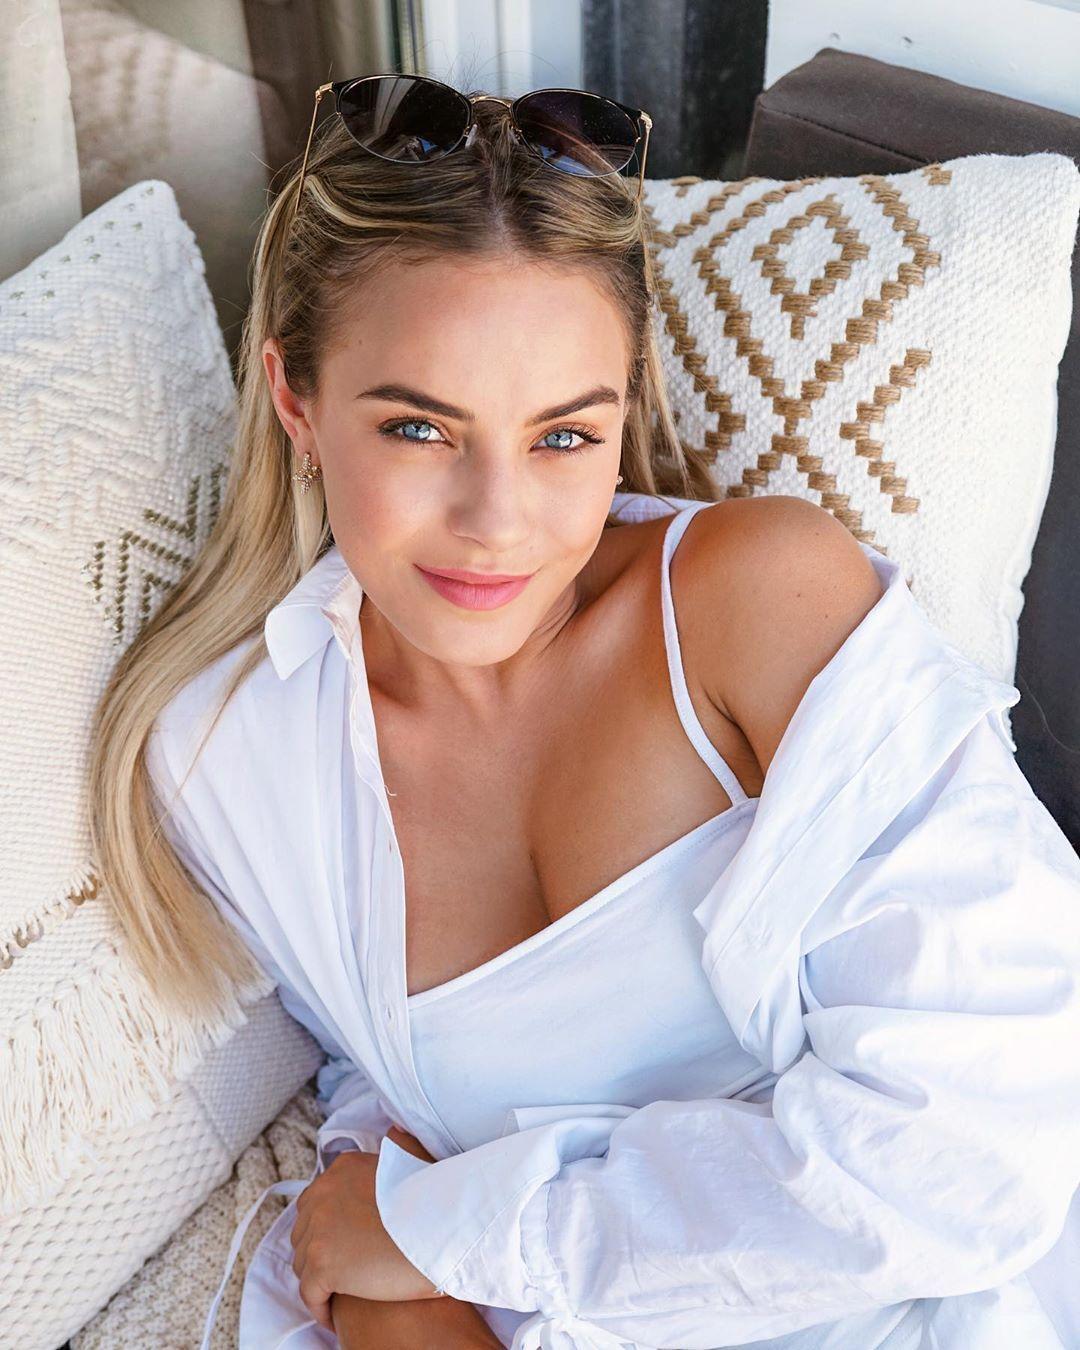 """Vize Miss Germany 2020 on Instagram: """"Werbung   Ich konnte ..."""